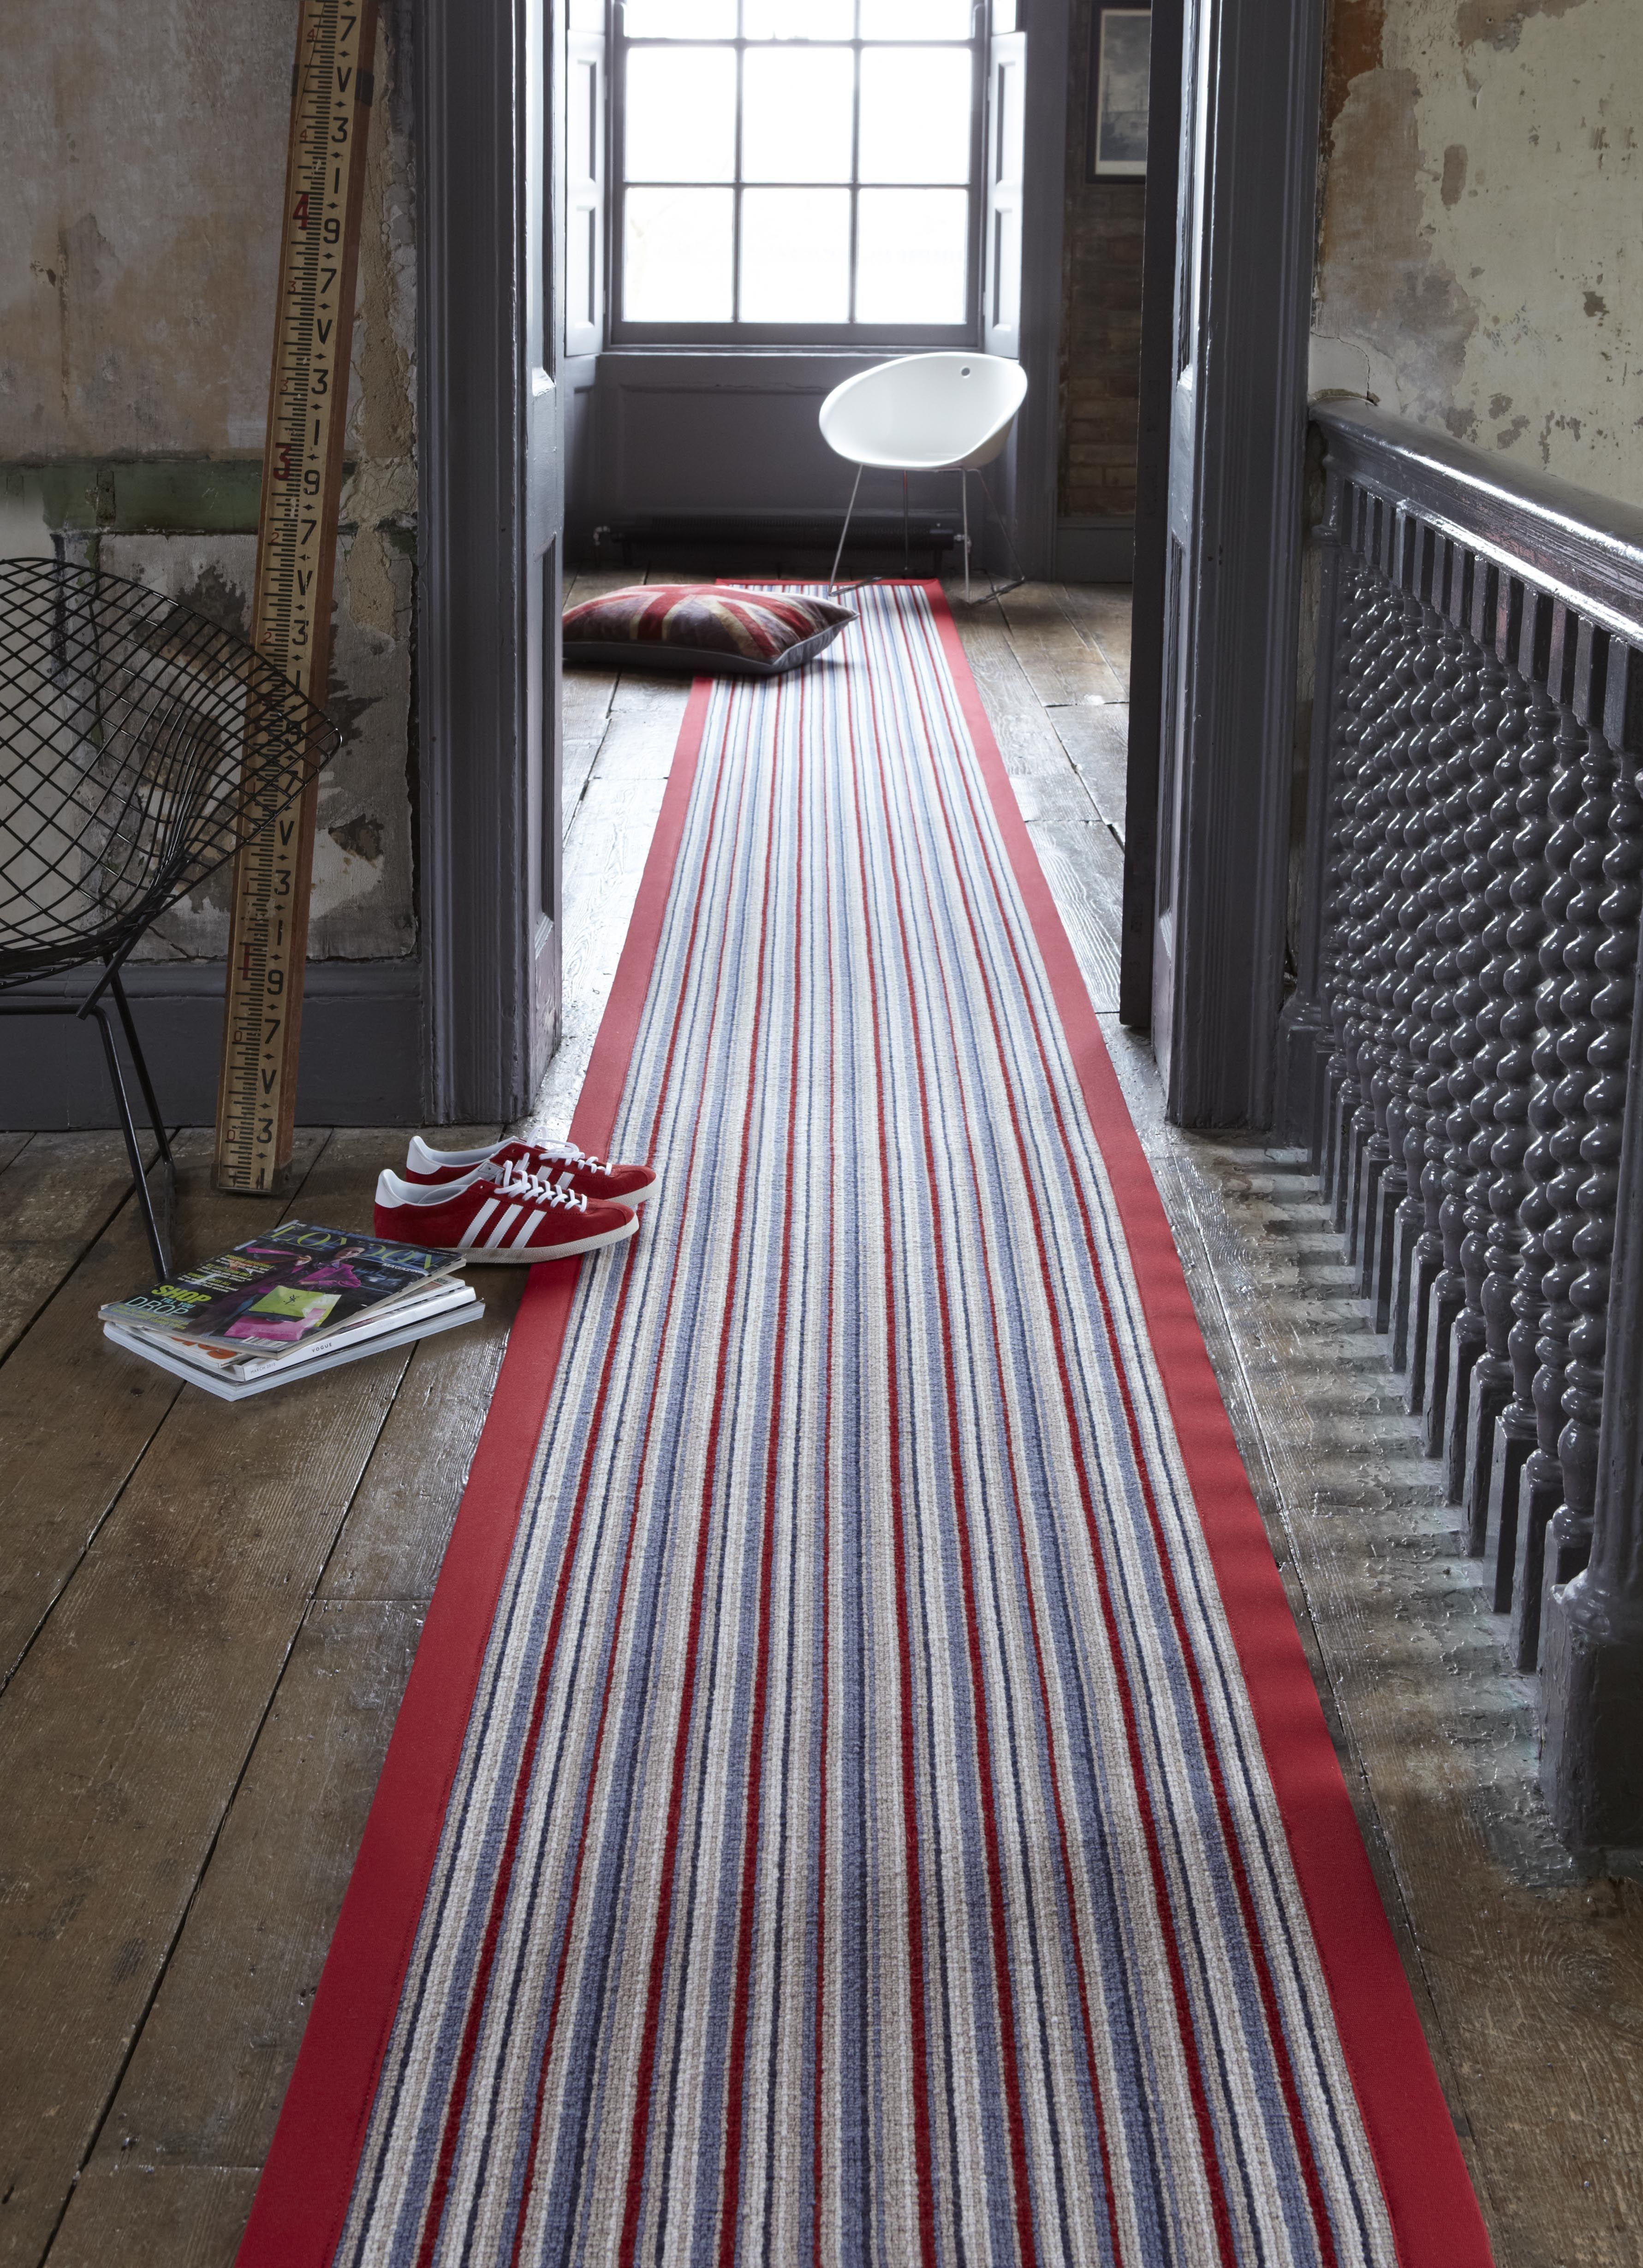 Alternative flooring 'Rock and Roll' Striped runner